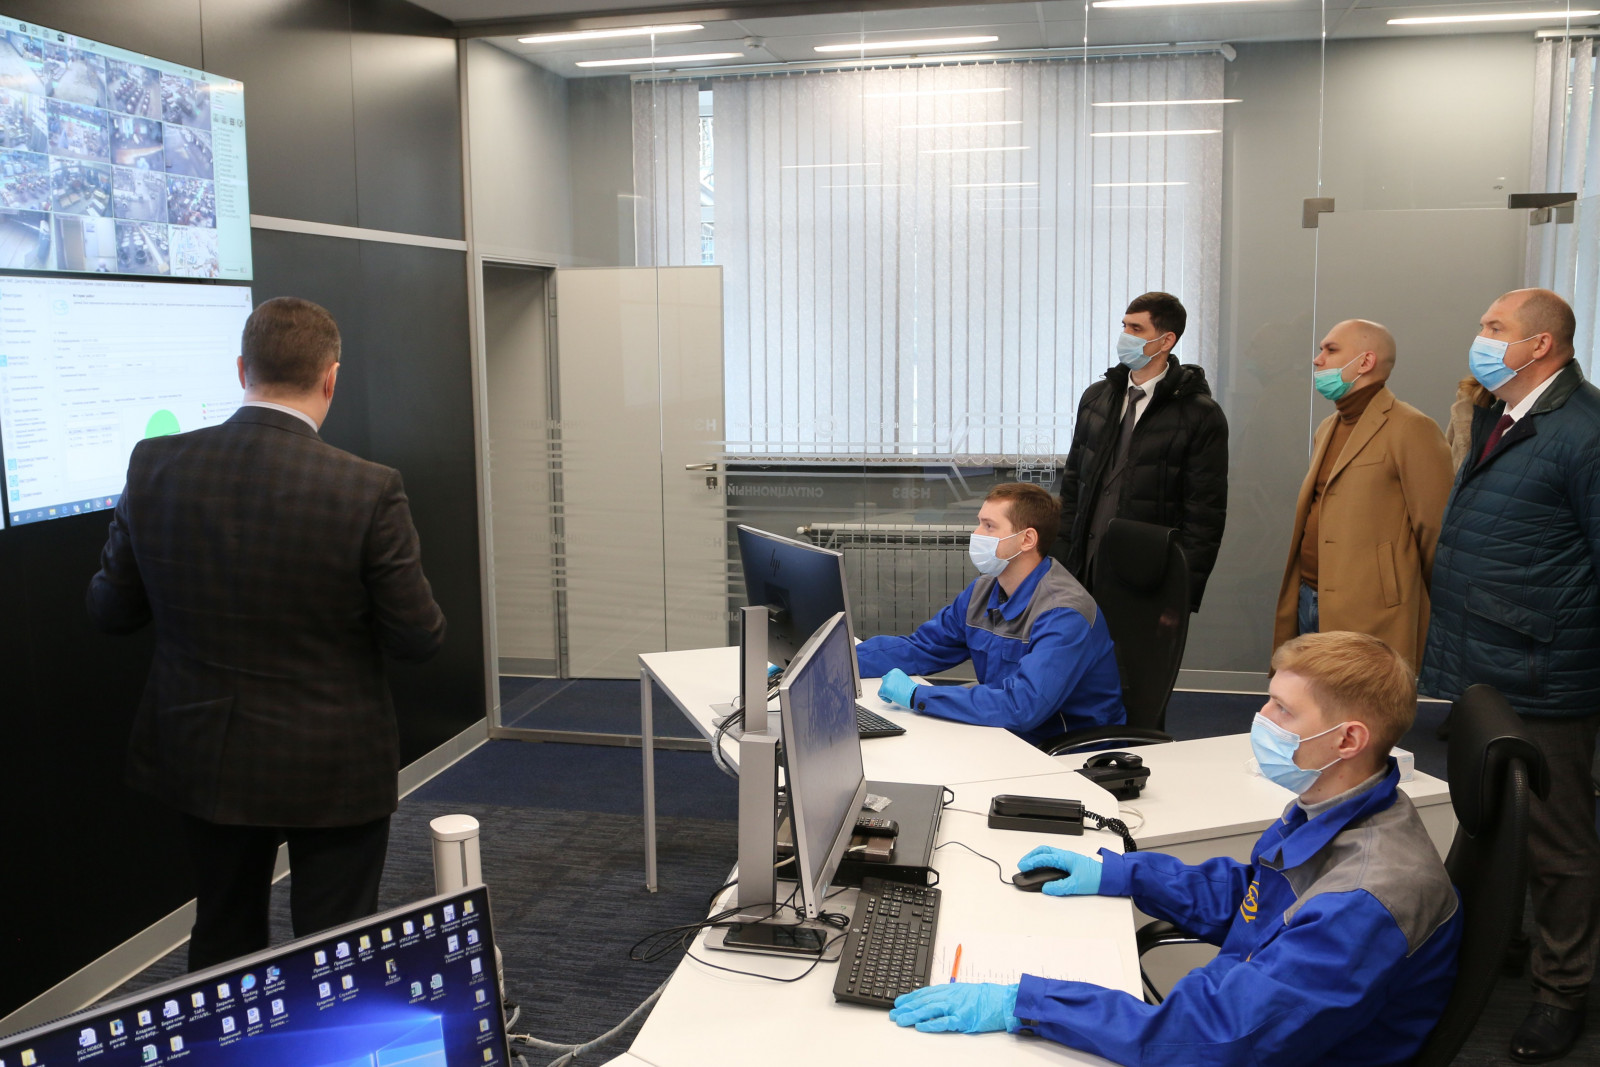 Донской филиал Центра космического тренажеростроения —  самый крупный в России